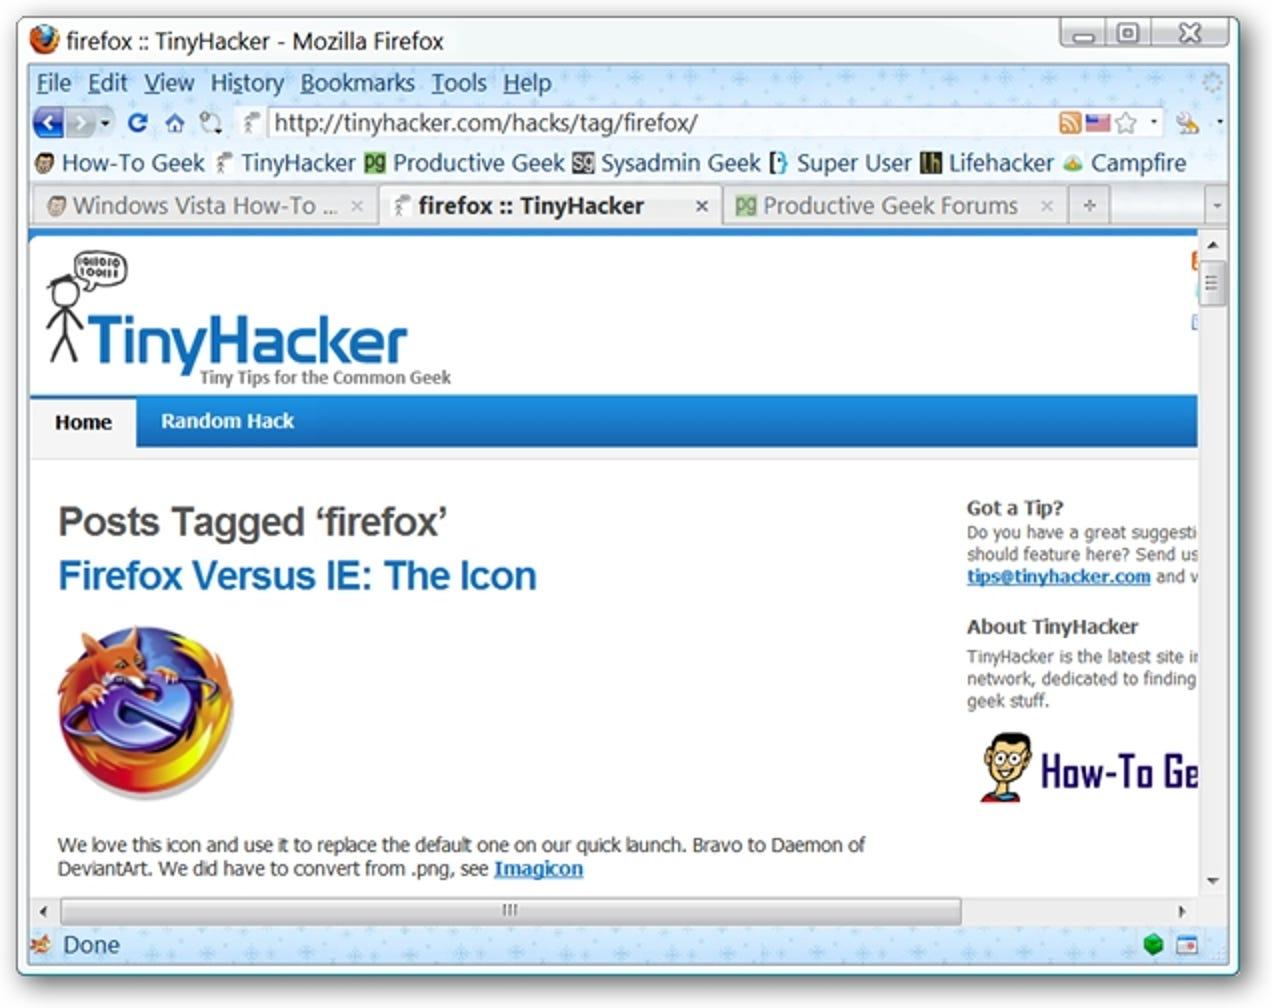 Erstellen und Anheften von Tabs in der Größe von Fav-Icons in Firefox